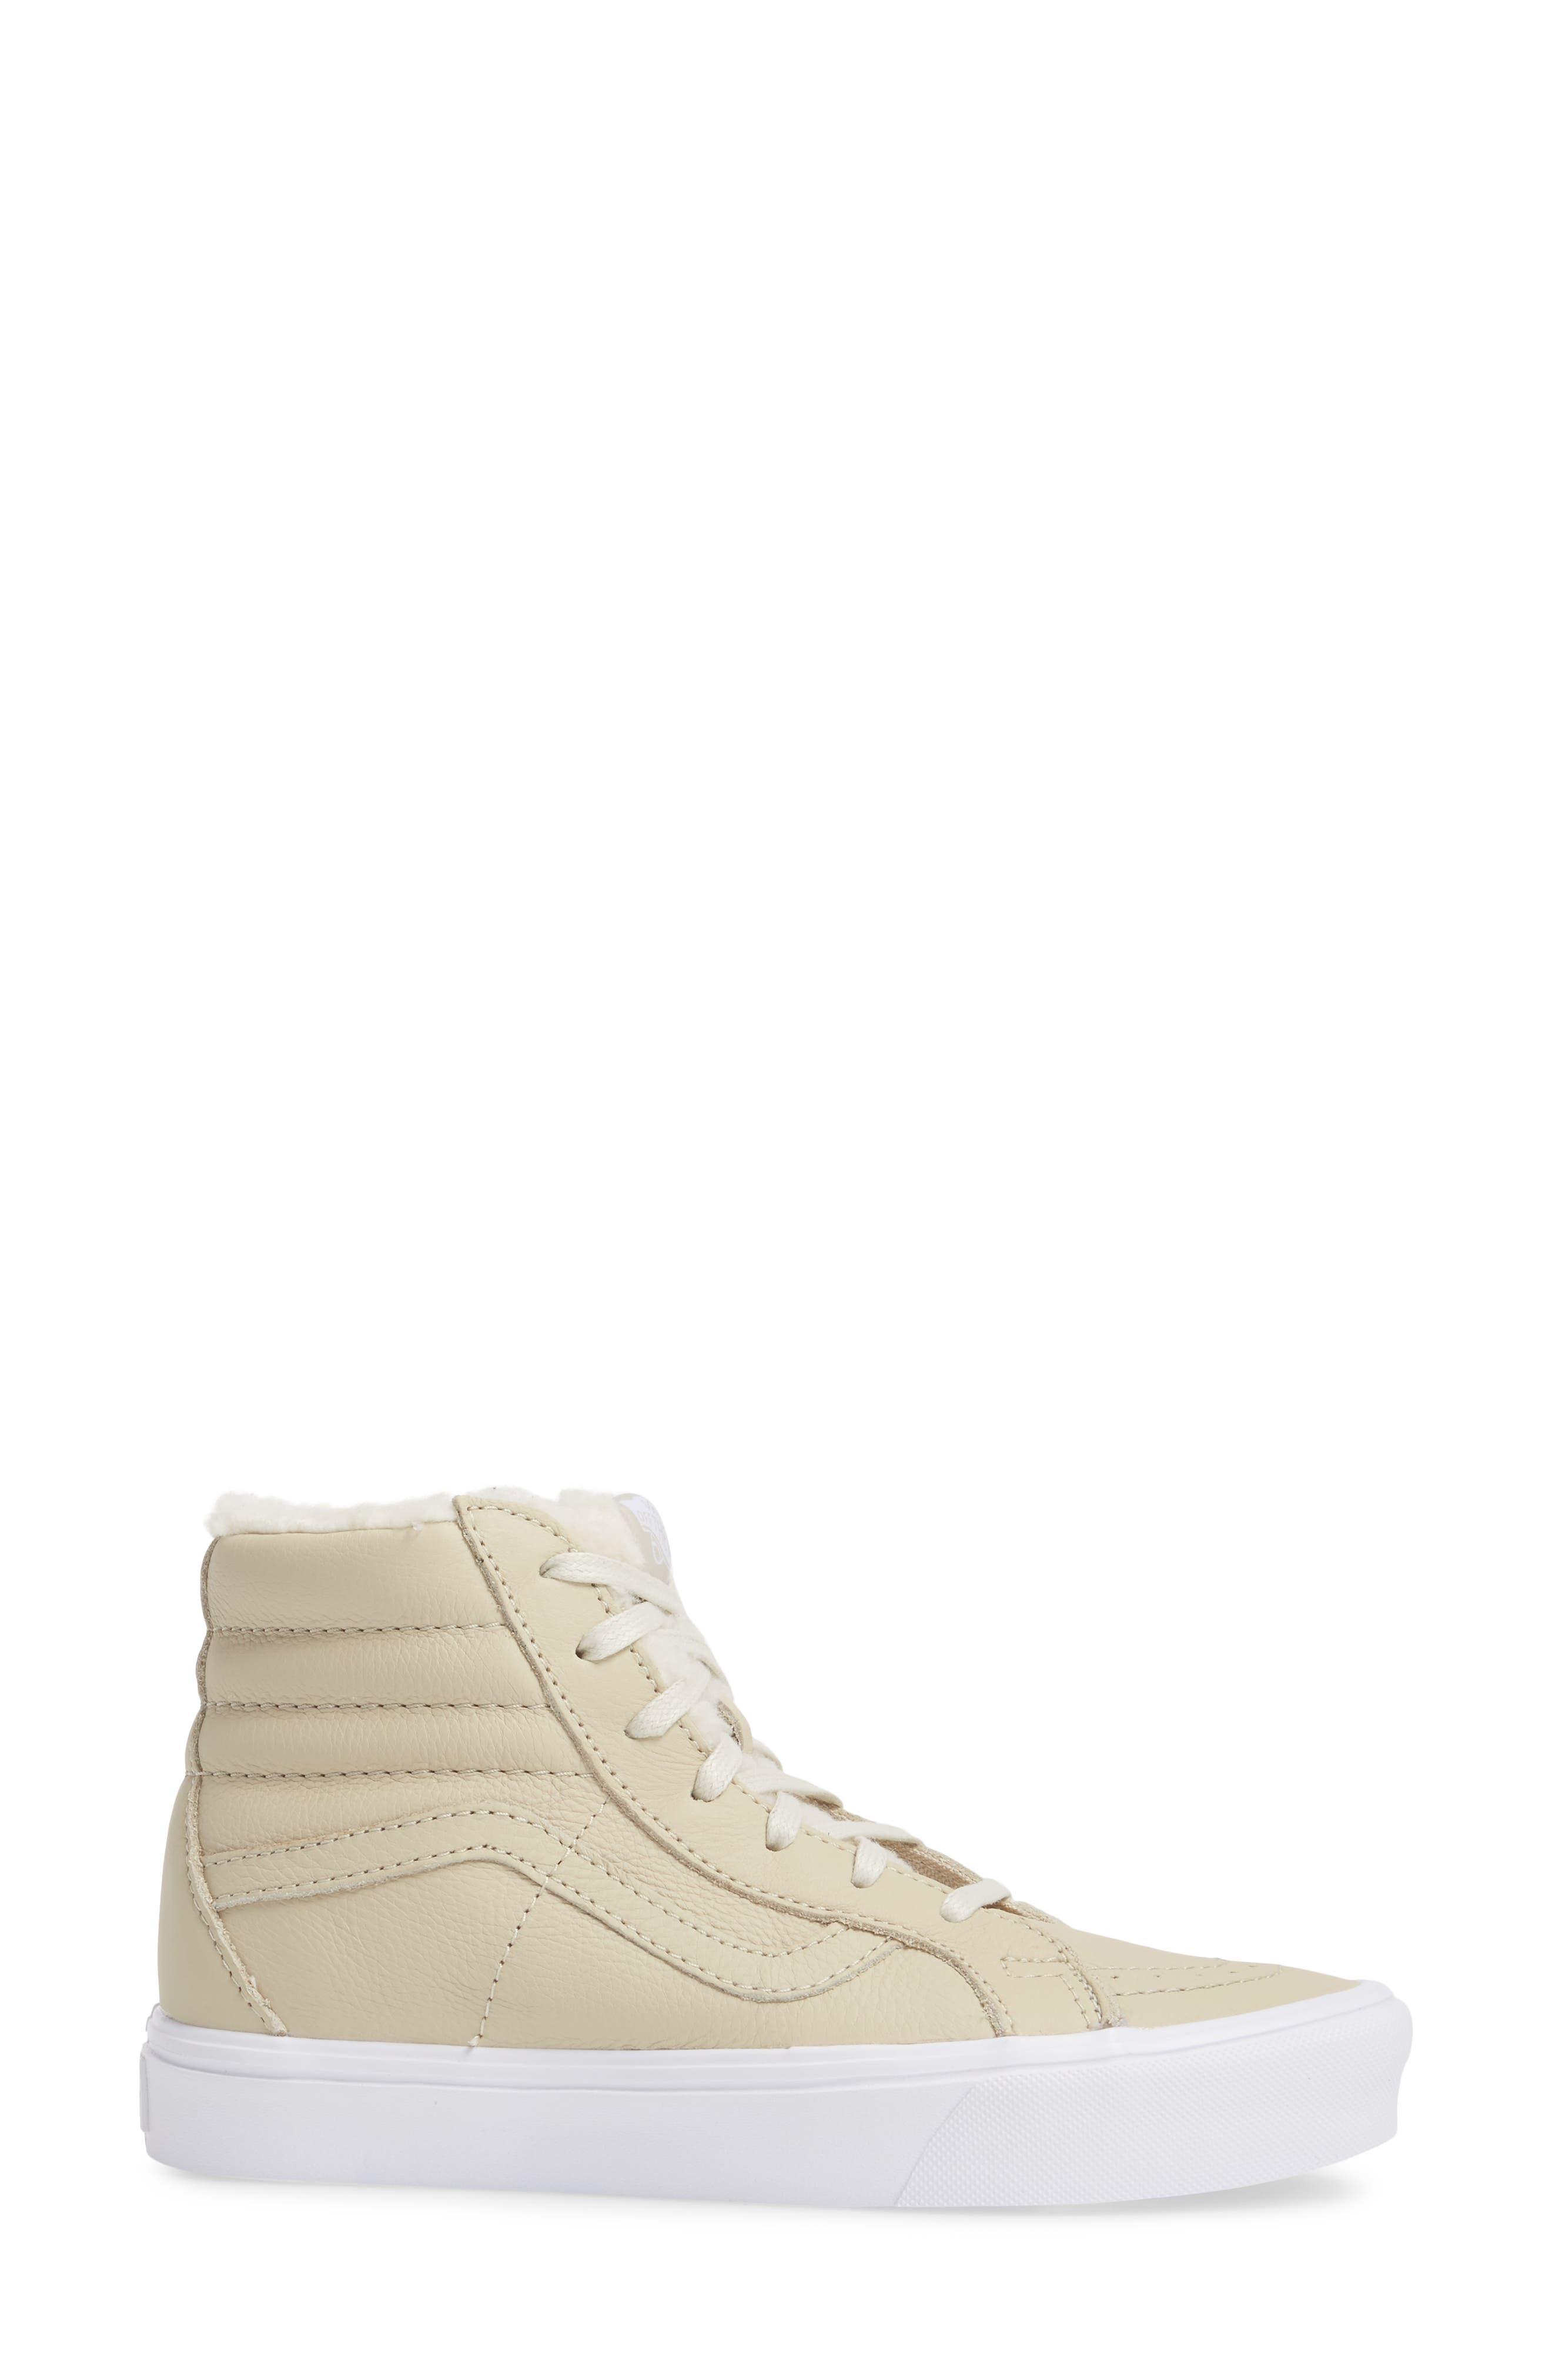 Sk8-Hi Reissue Lite High Top Sneaker,                             Alternate thumbnail 6, color,